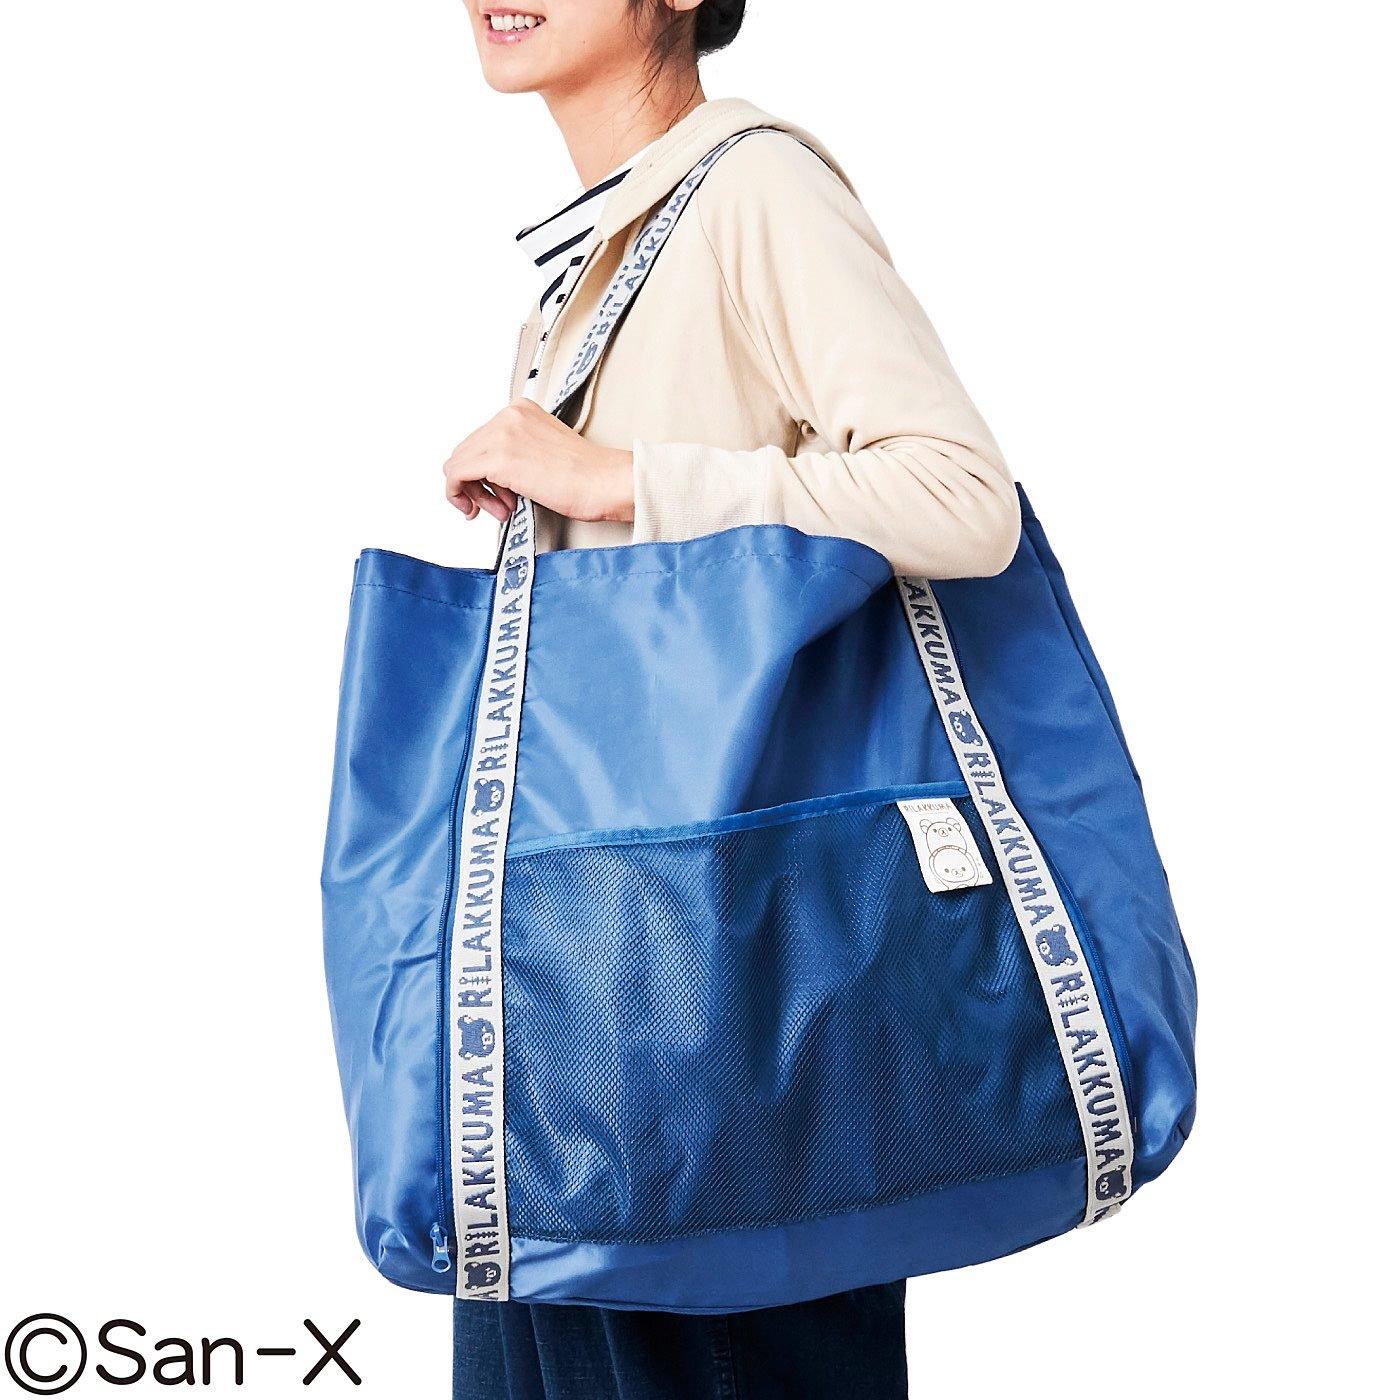 リラックマ 荷物に合わせて秘密のファスナーで広がる 2-WAYクリーニング&ランドリーバッグ